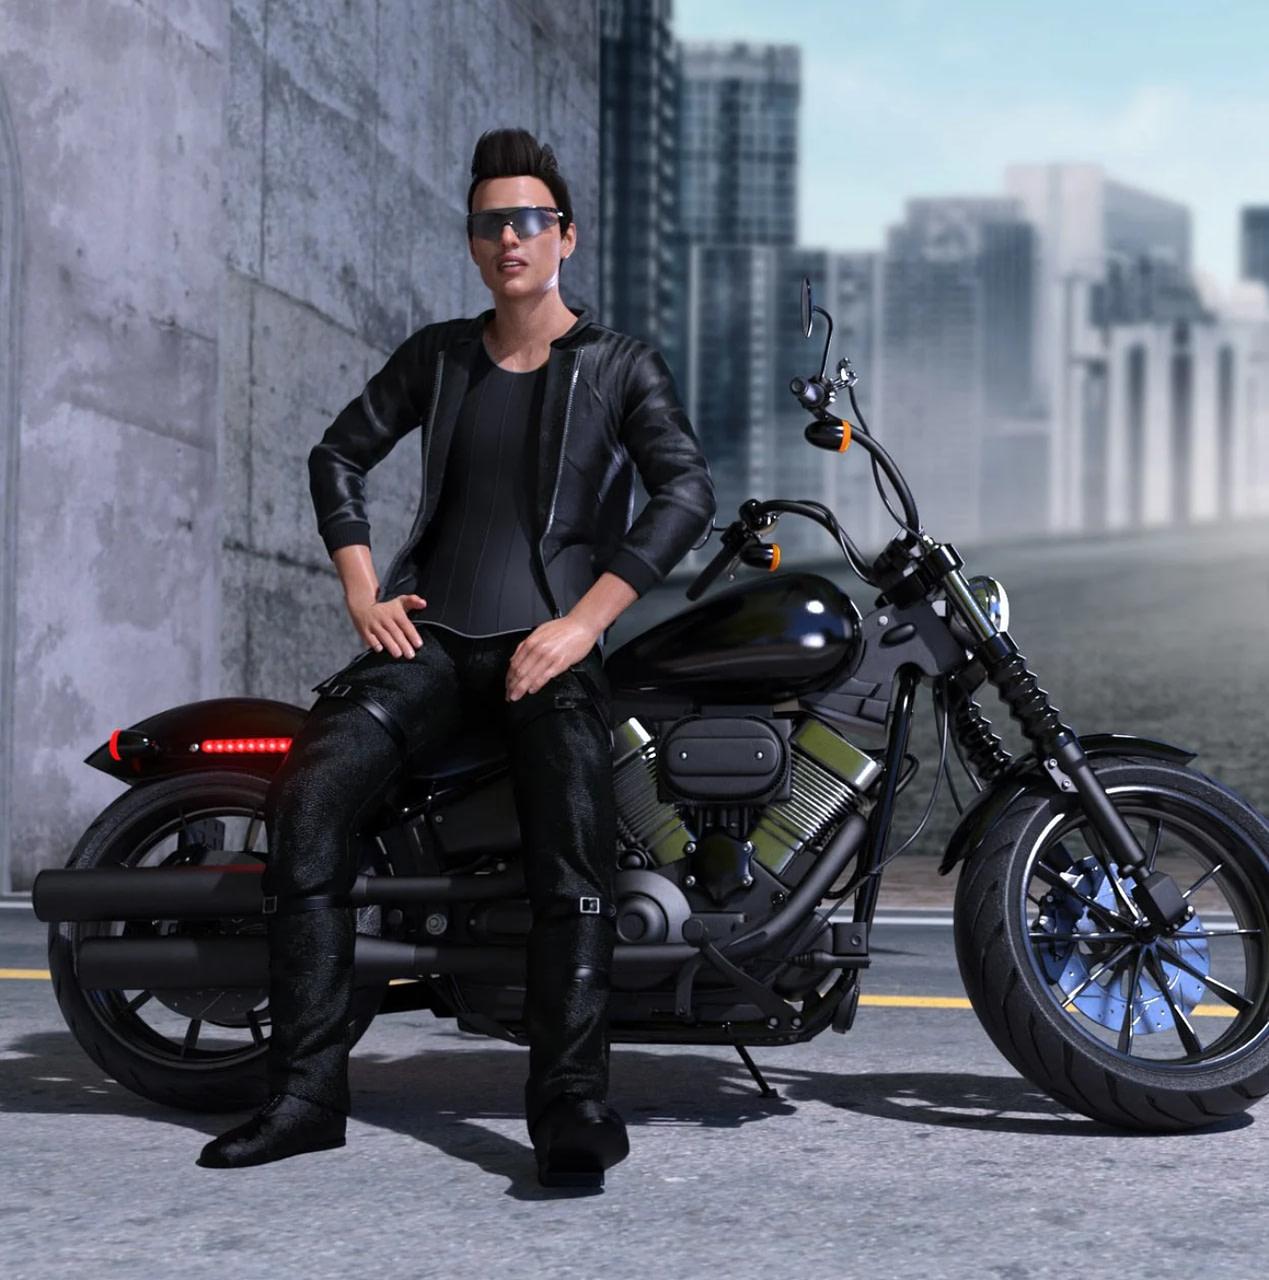 z low rider motorbike 3d model